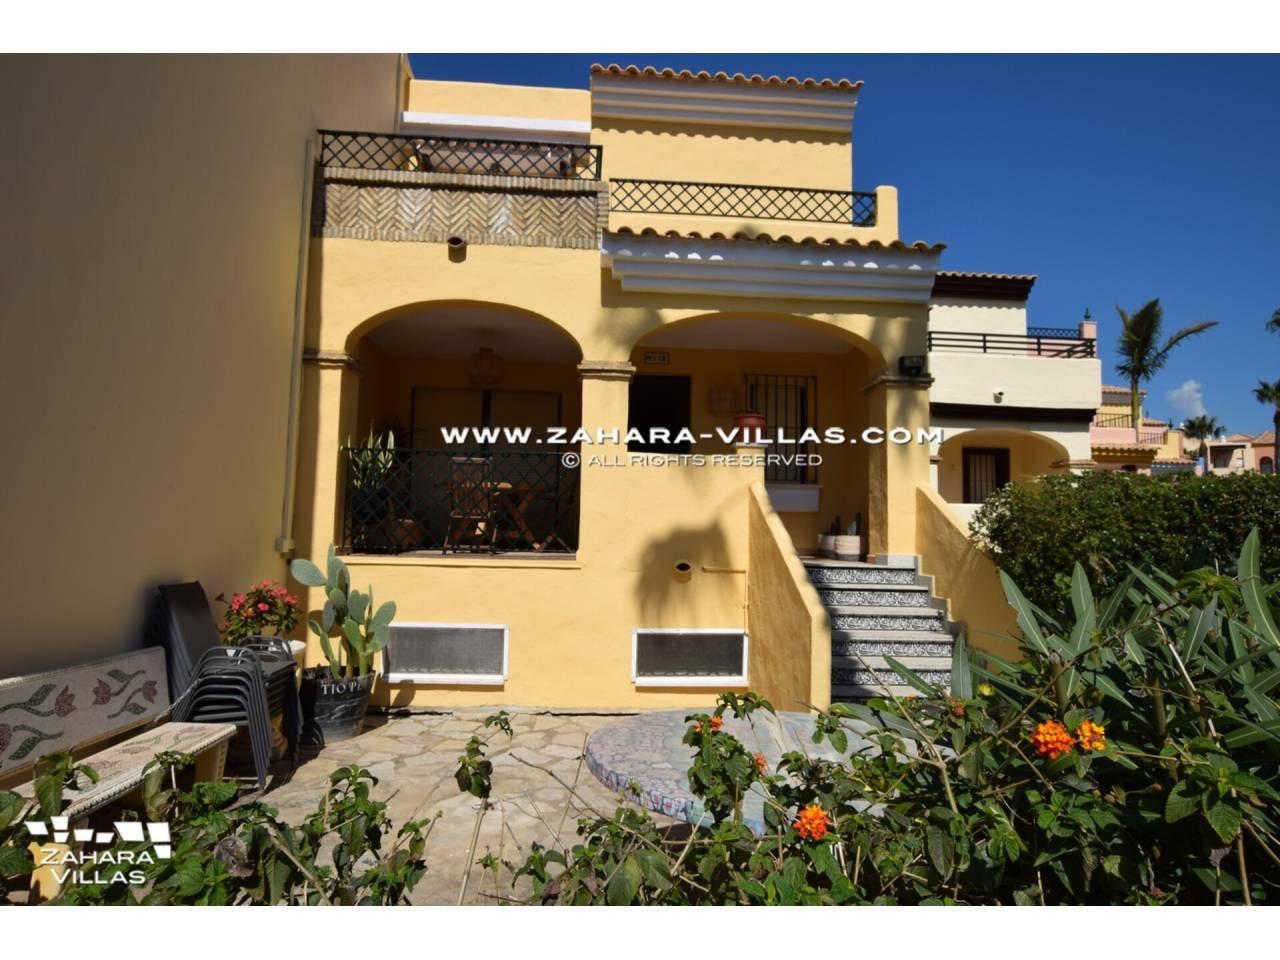 Imagen 1 de Casa Adosada con vistas al mar en venta en Urb. Jardines de Zahara